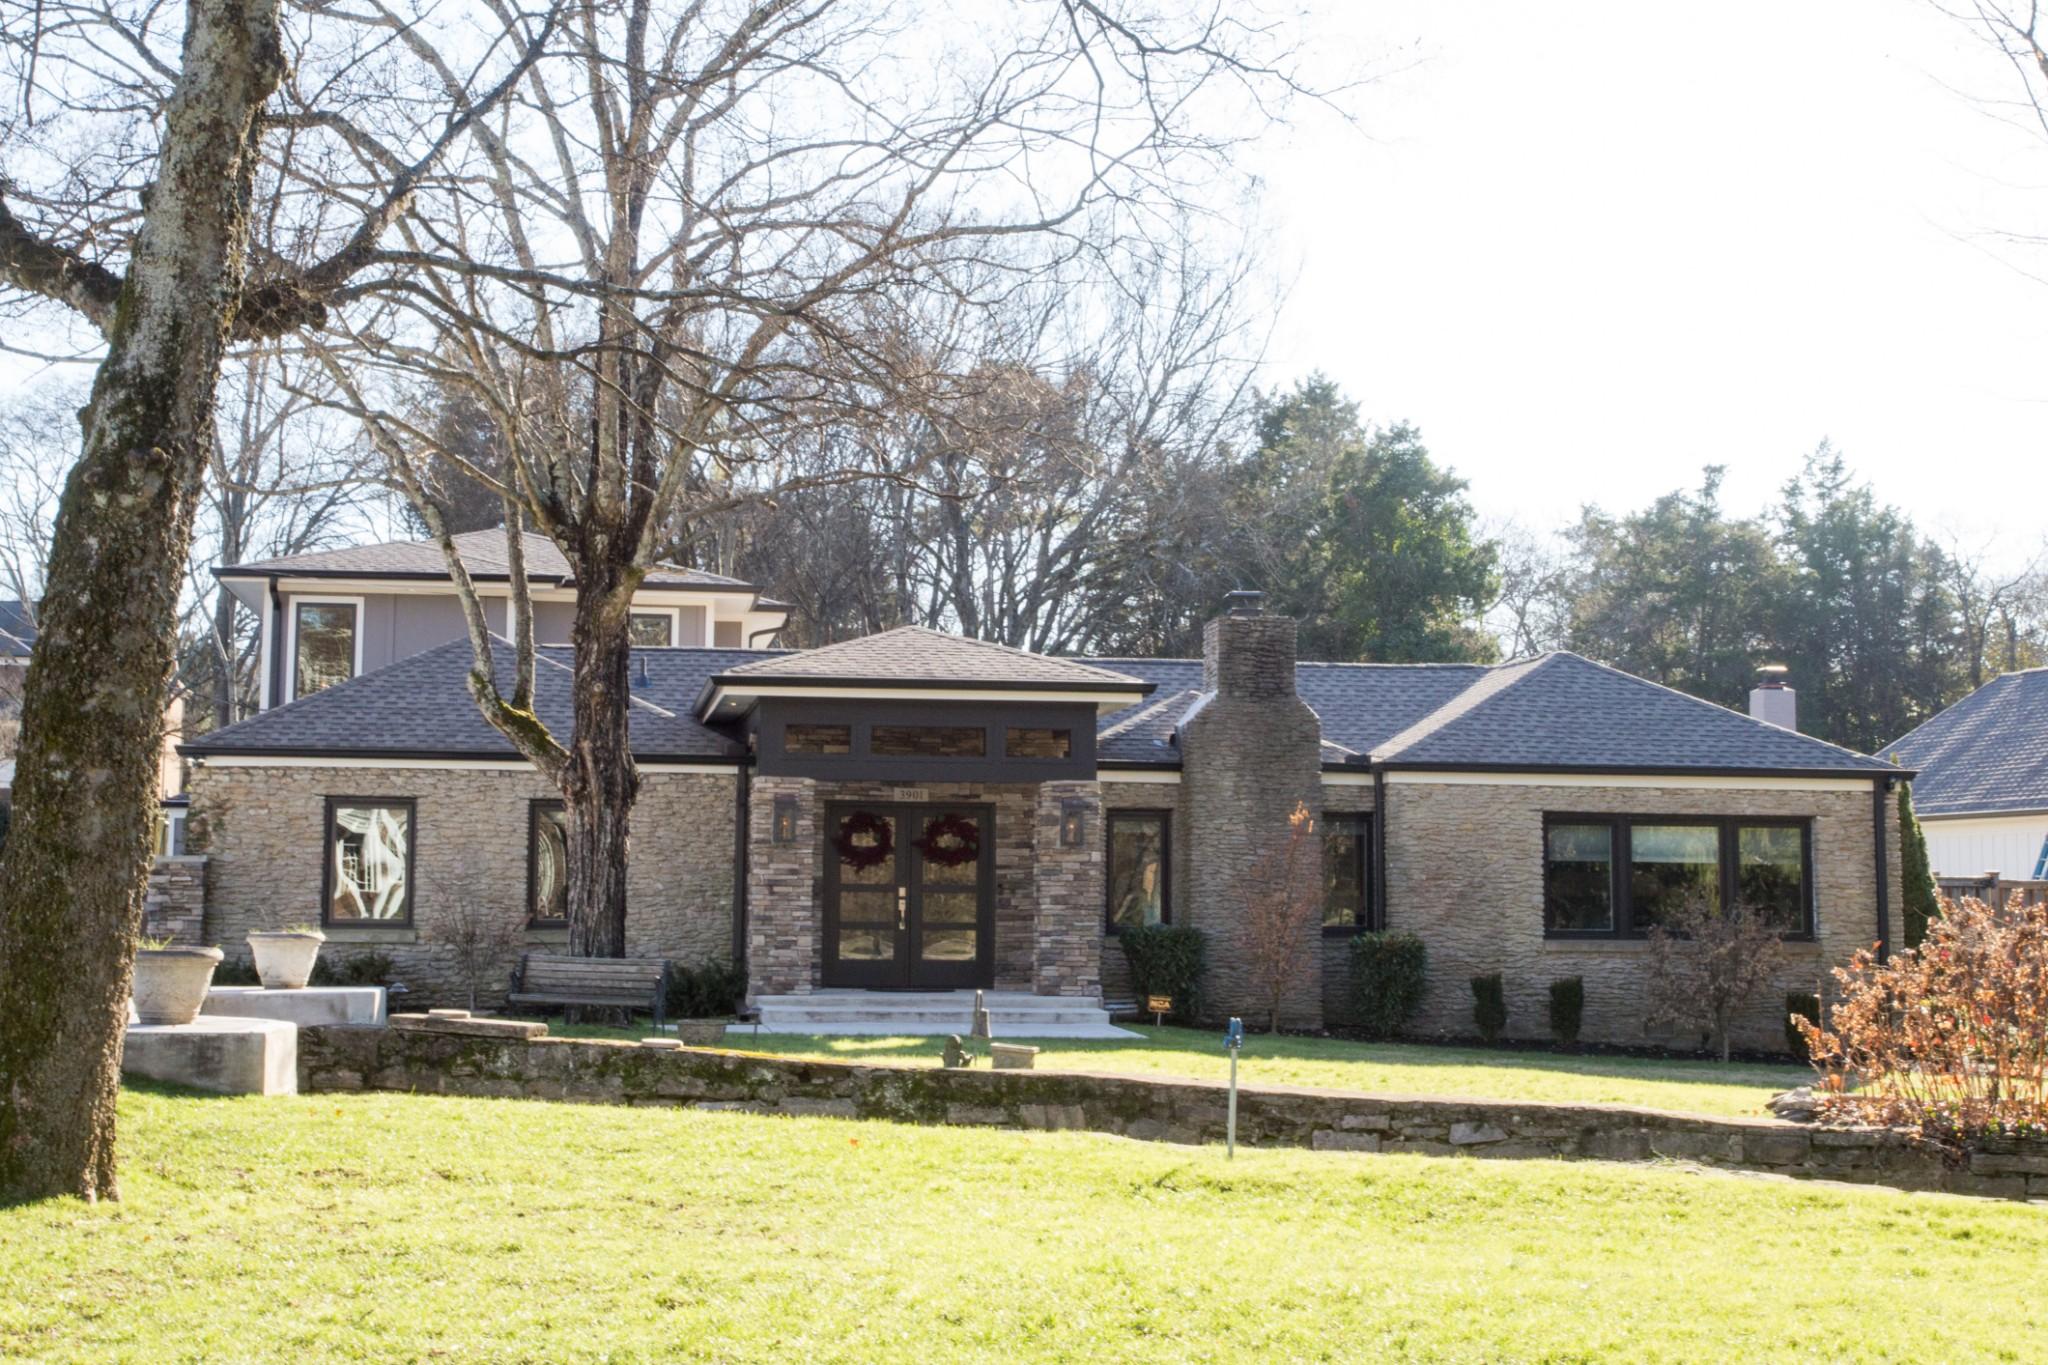 3901 Trimble Rd, Nashville, TN 37215 - Nashville, TN real estate listing